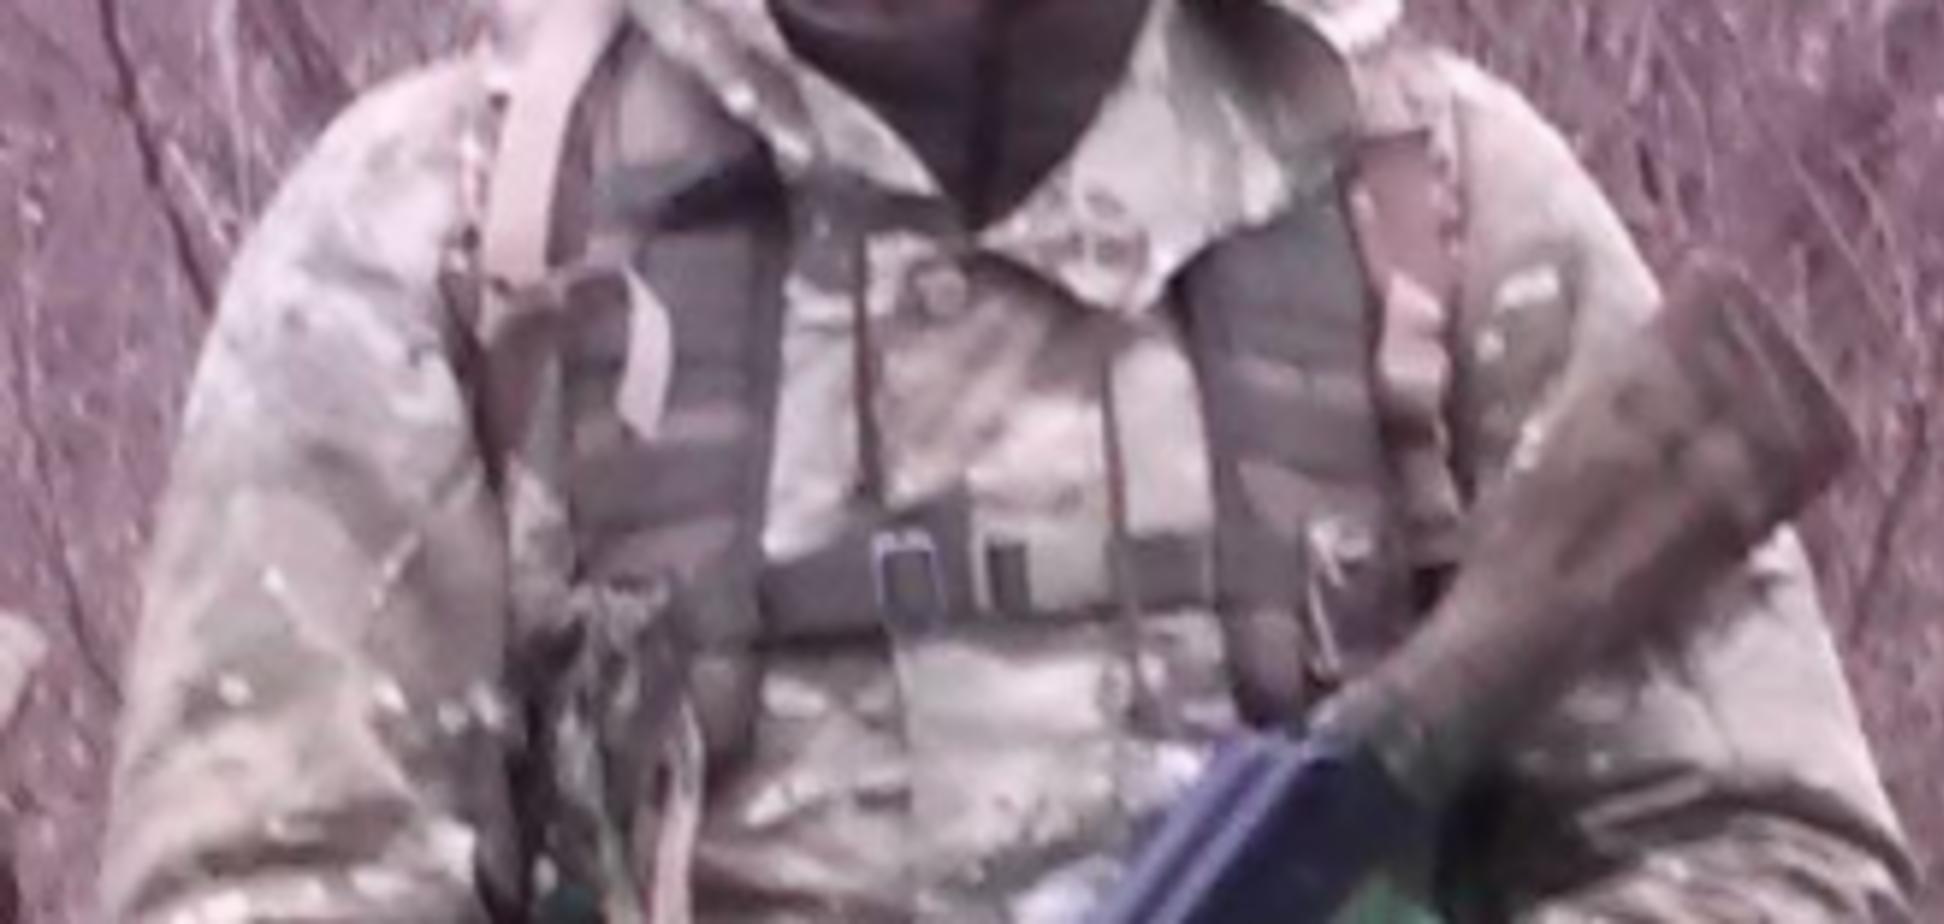 'Татарин' загинув за 'рускій мір': на Донбасі ліквідований терорист із Криму